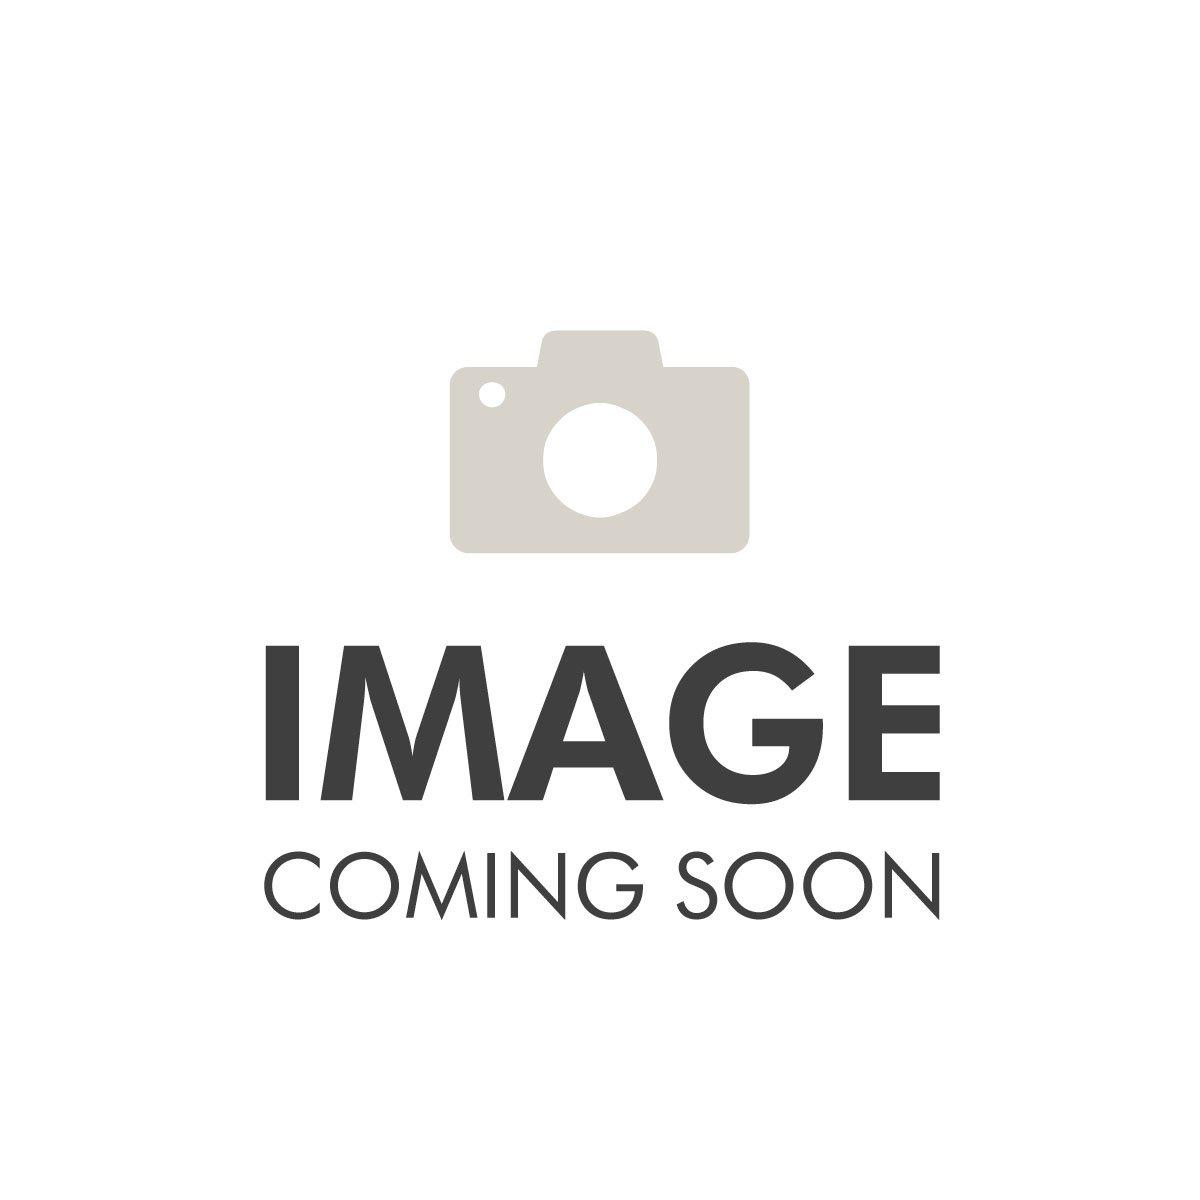 Uhlmann - Coussin de fleuret/sabre électrique - PVC